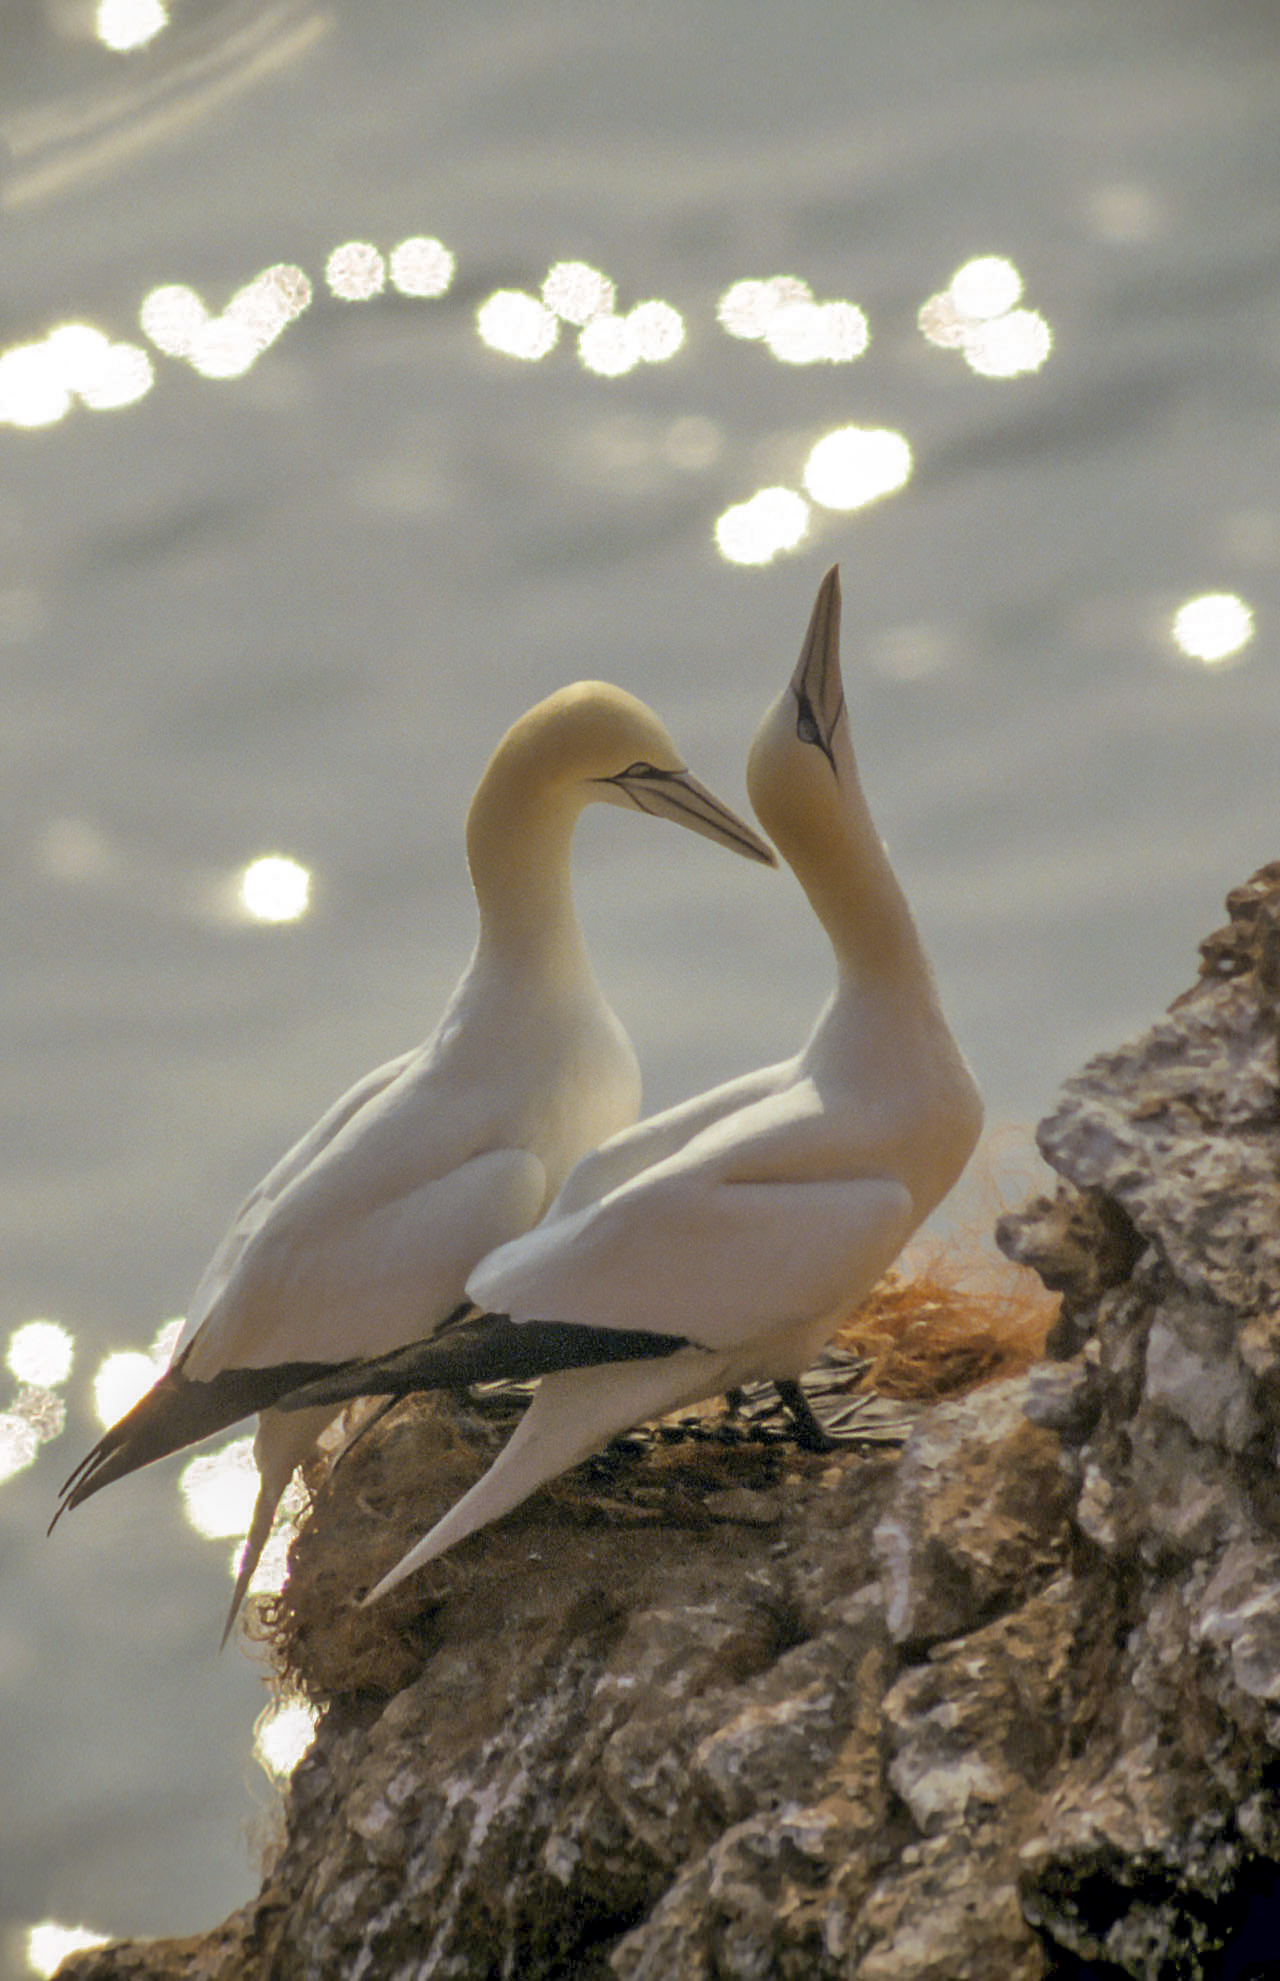 Gannet - Wikipedia